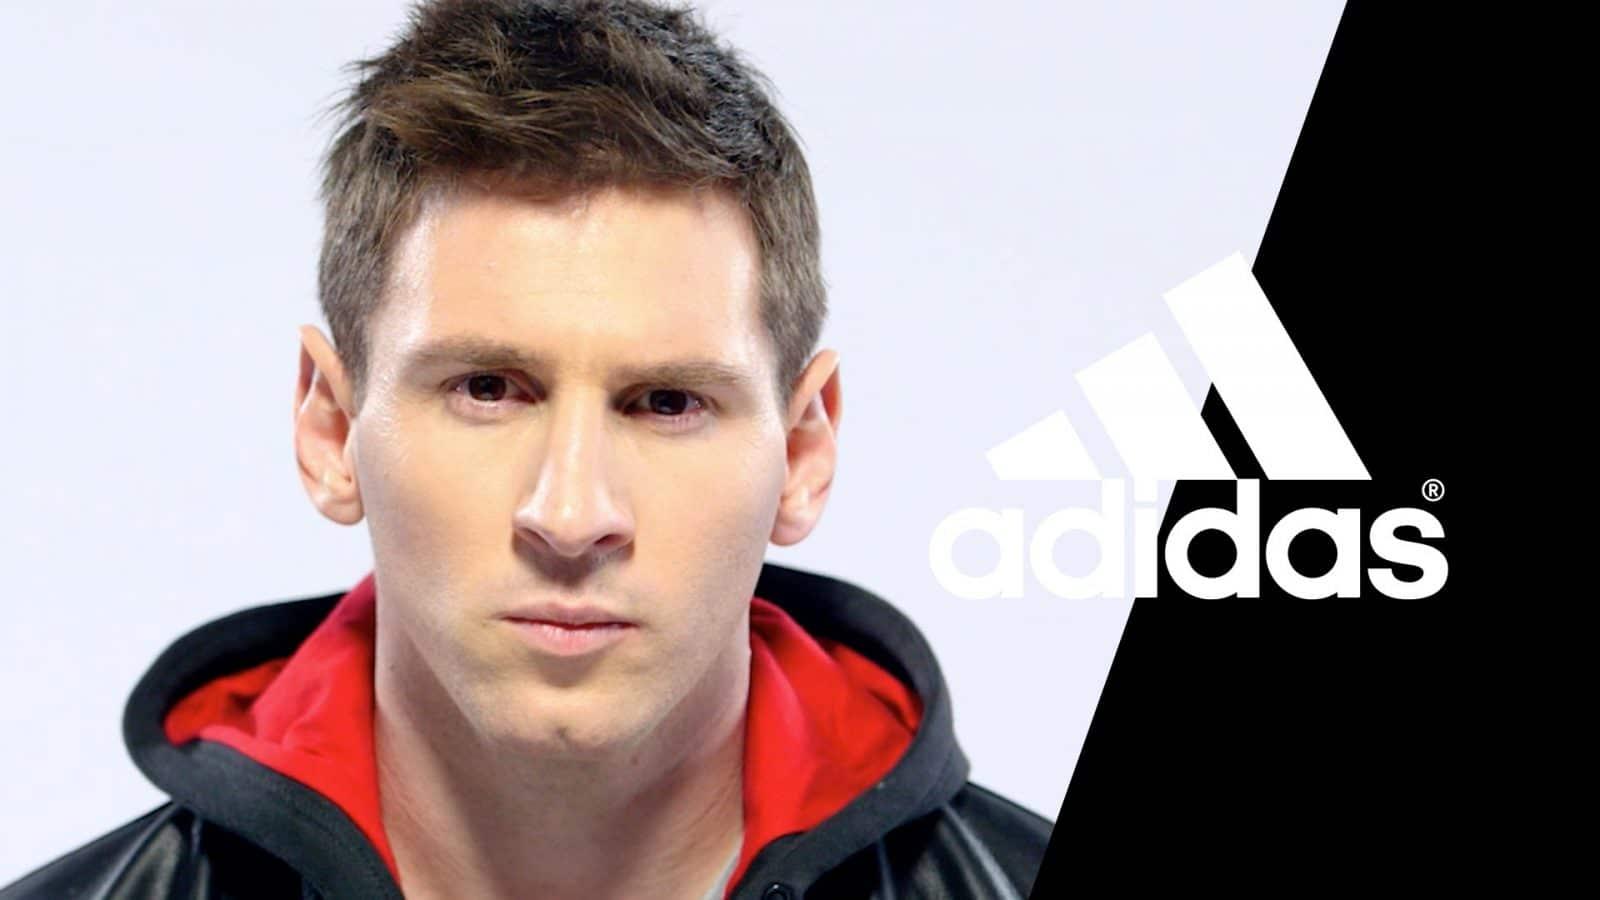 El comportamiento de Leo Messi que puede arruinar su multimillonario contrato con Adidas